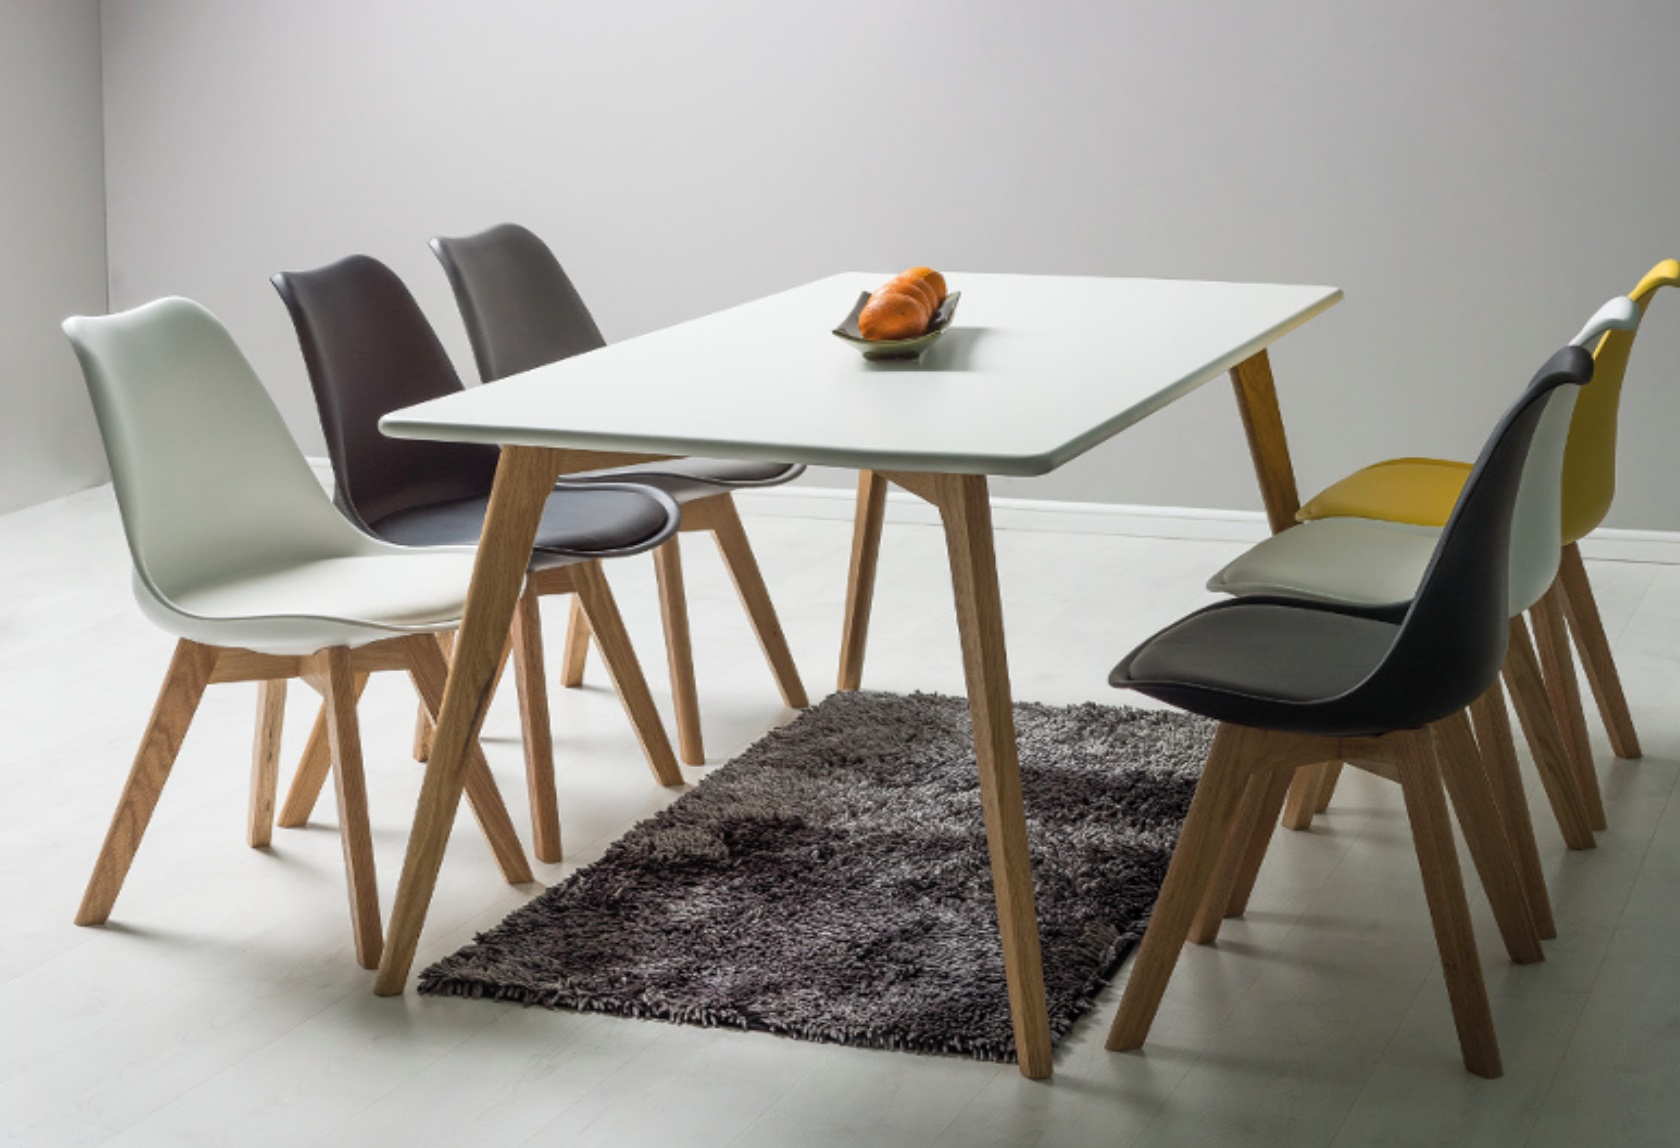 Ogromny Drewniany stół Agios, stoły drewniane, stół w stylu skandynawskim PV71